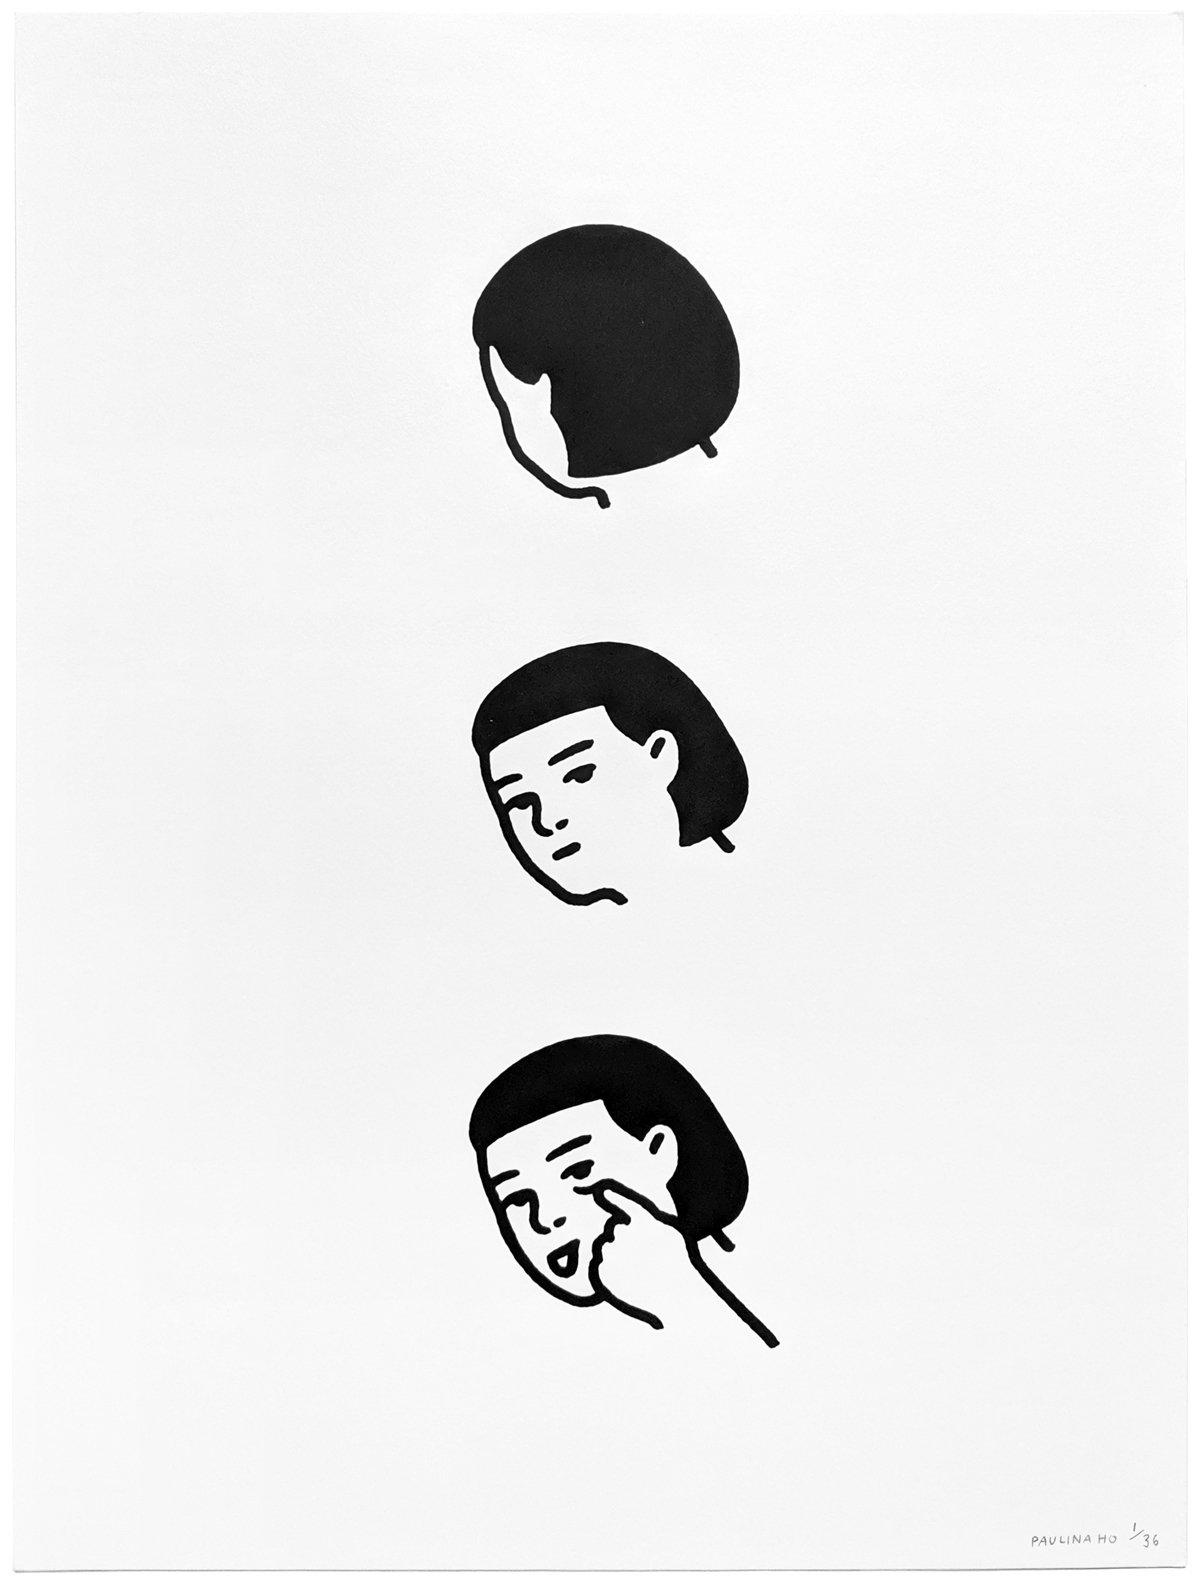 Image of Self Inner-Portrait